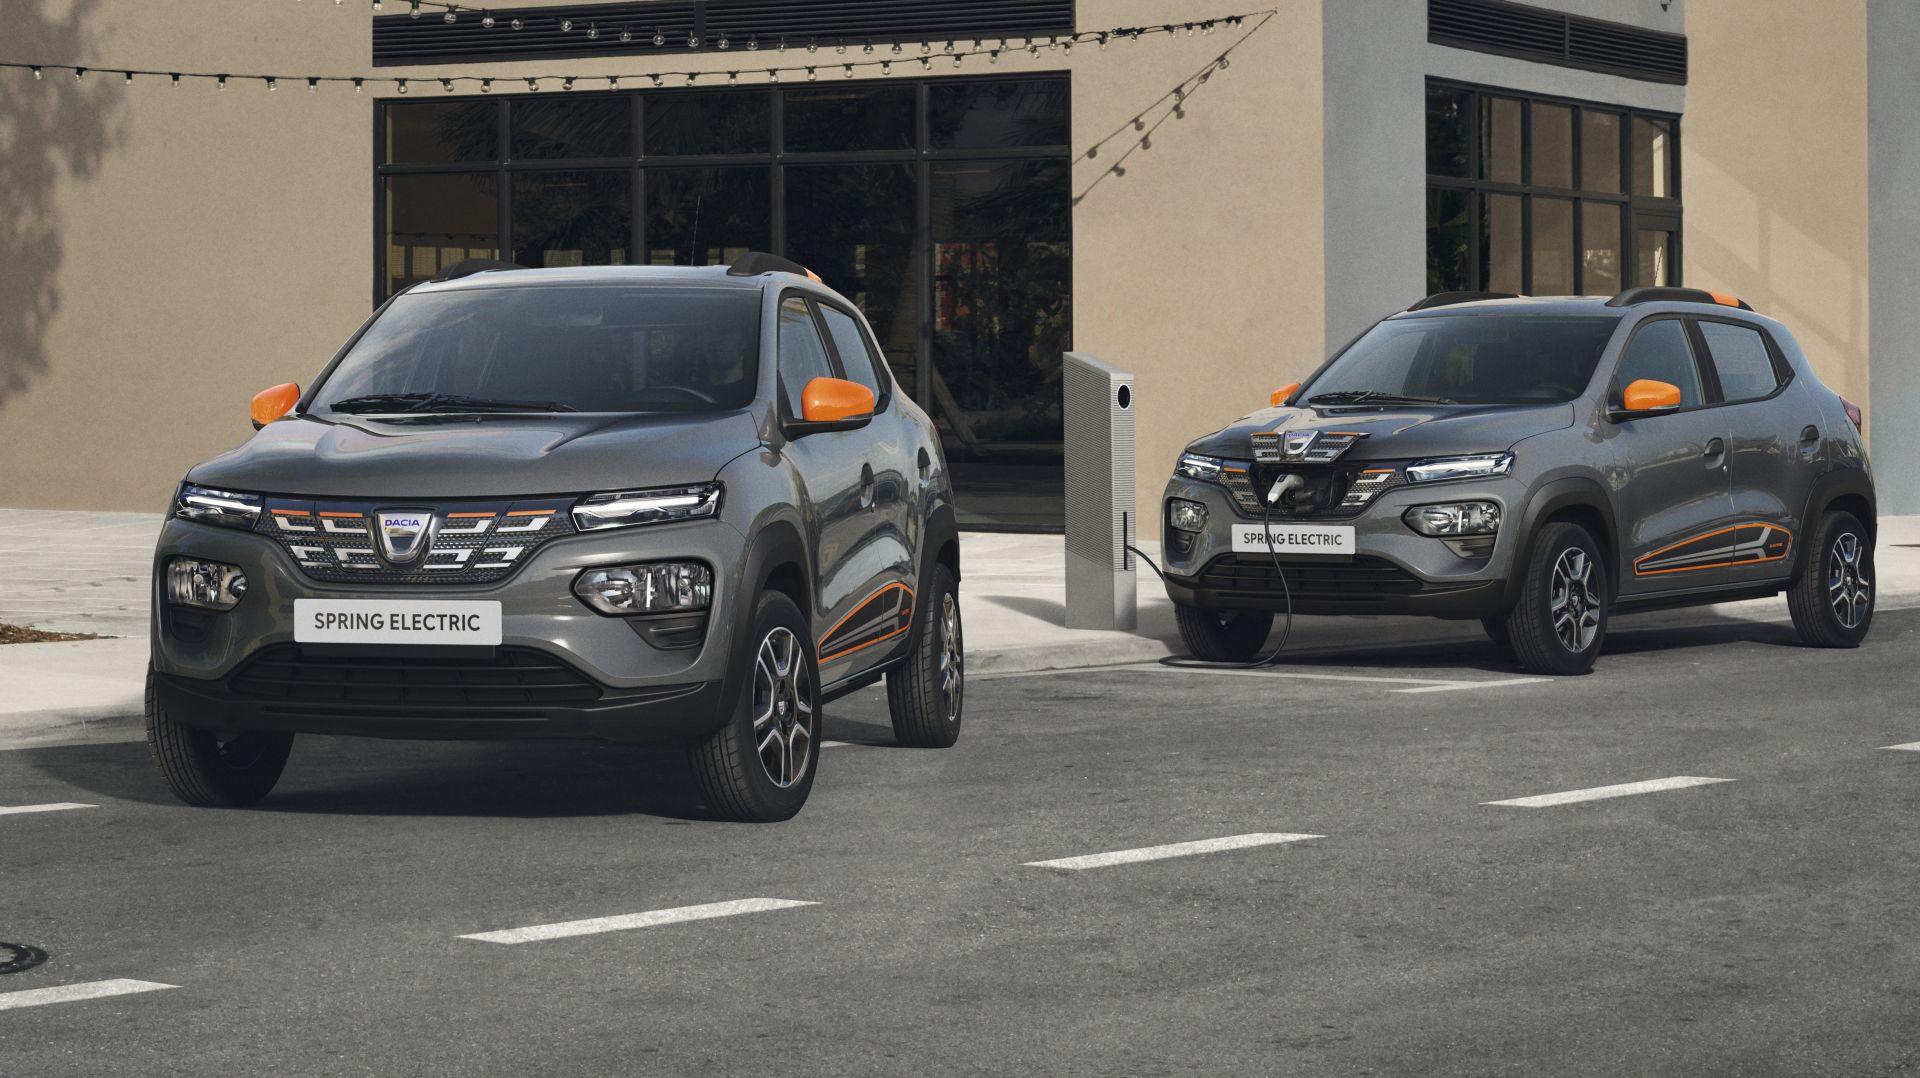 Ovo će biti najpovoljniji električni automobil u Europi: Dacia Spring